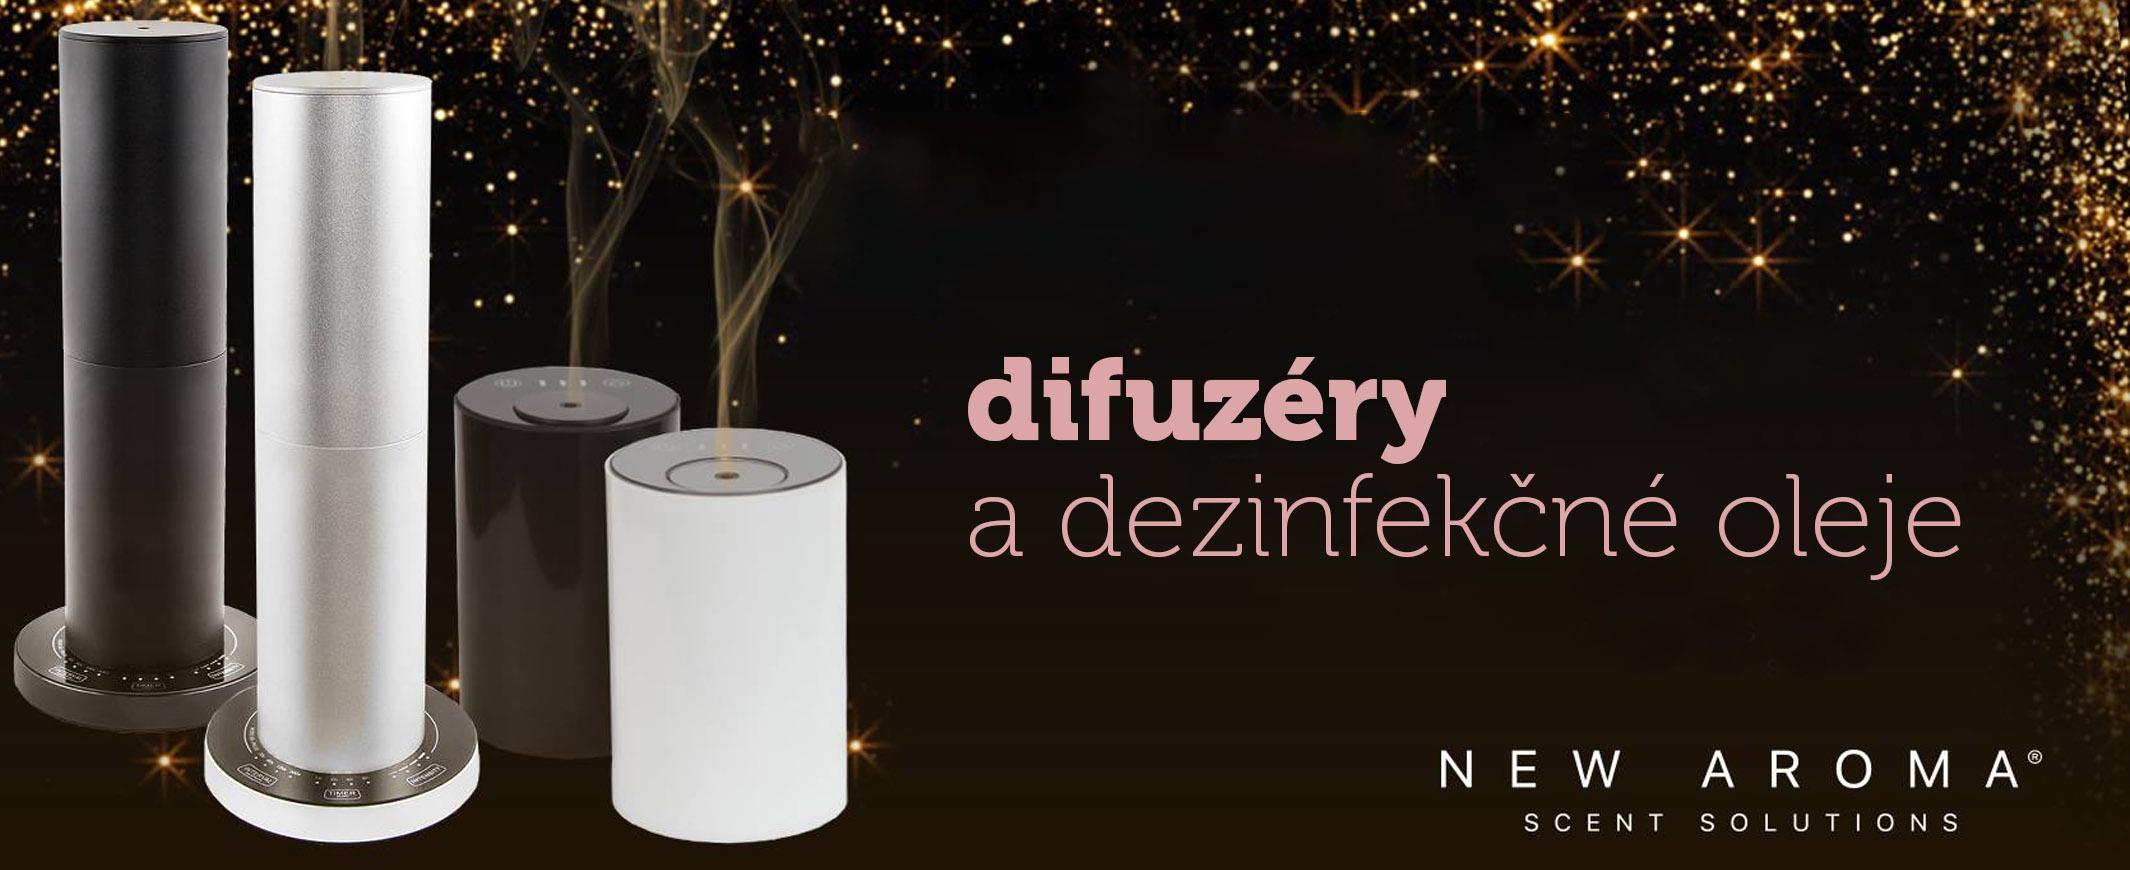 Difuzéry New Aroma